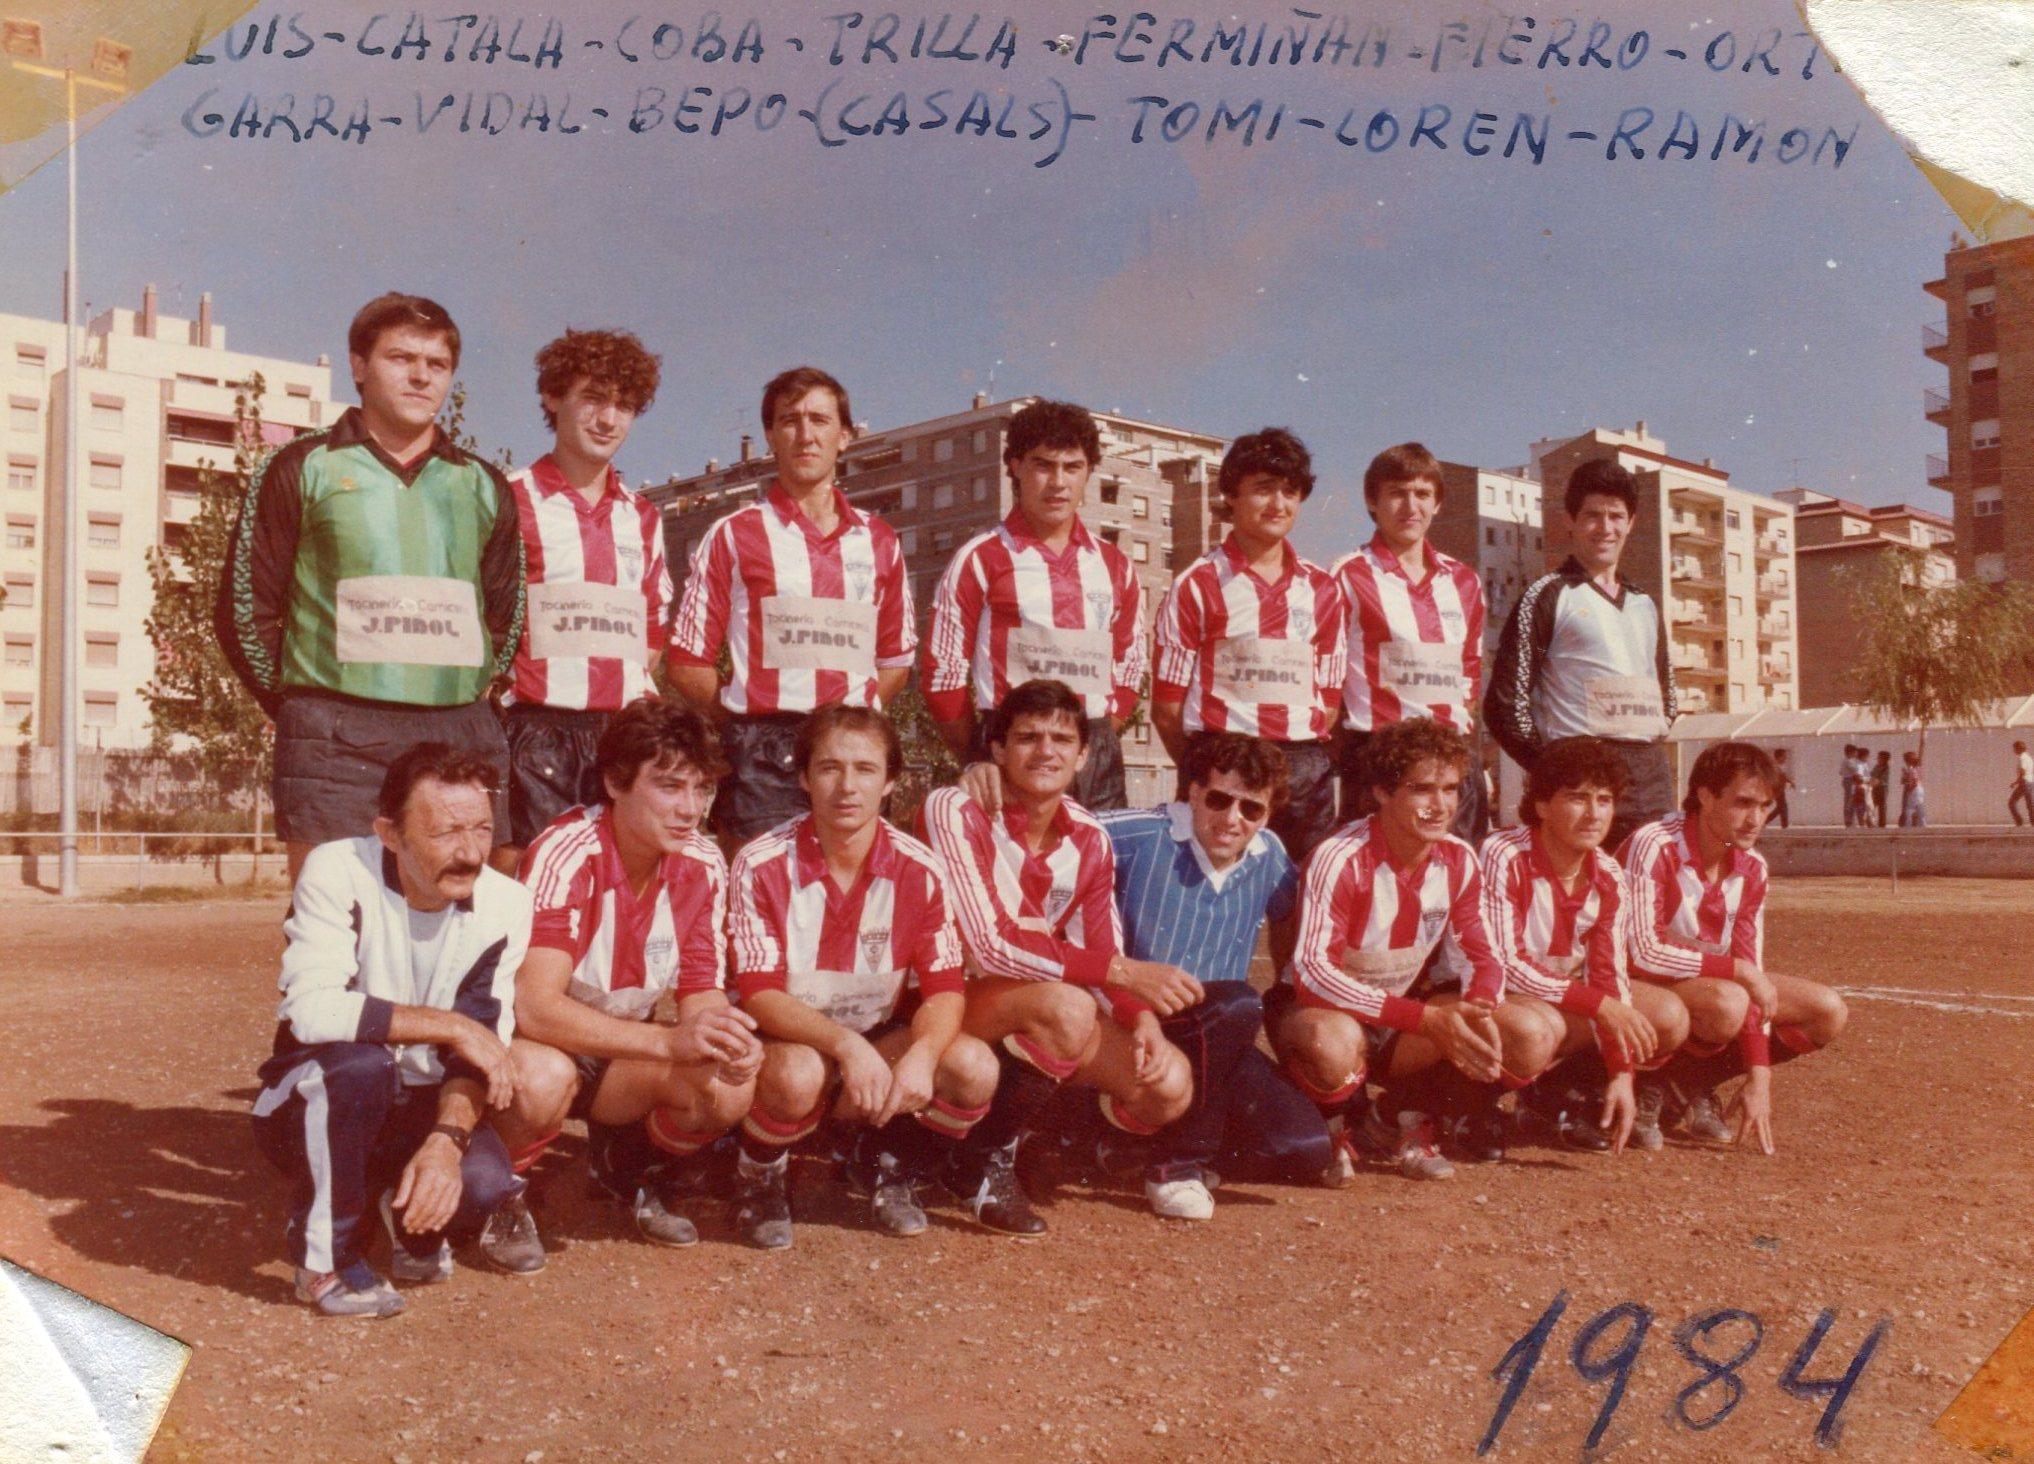 1984 AMATEUR